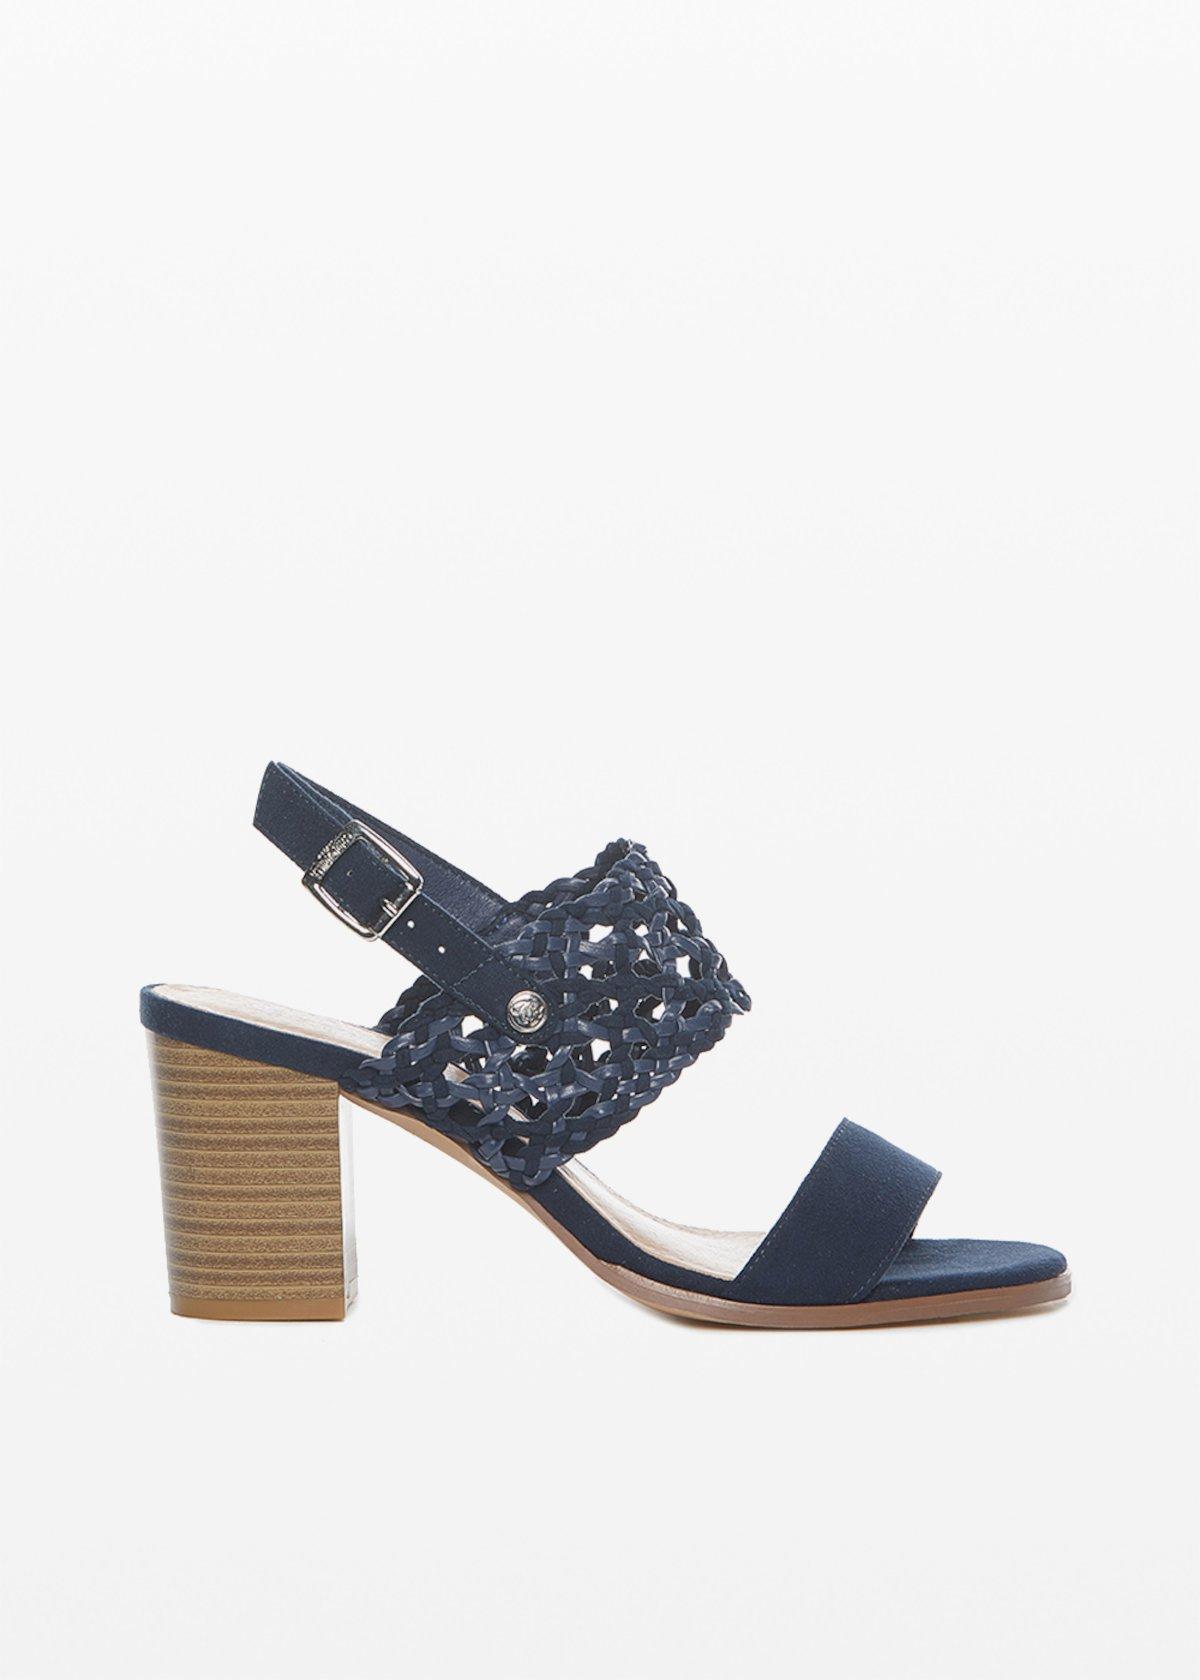 Saily faux suede sandals - Medium Blue - Woman